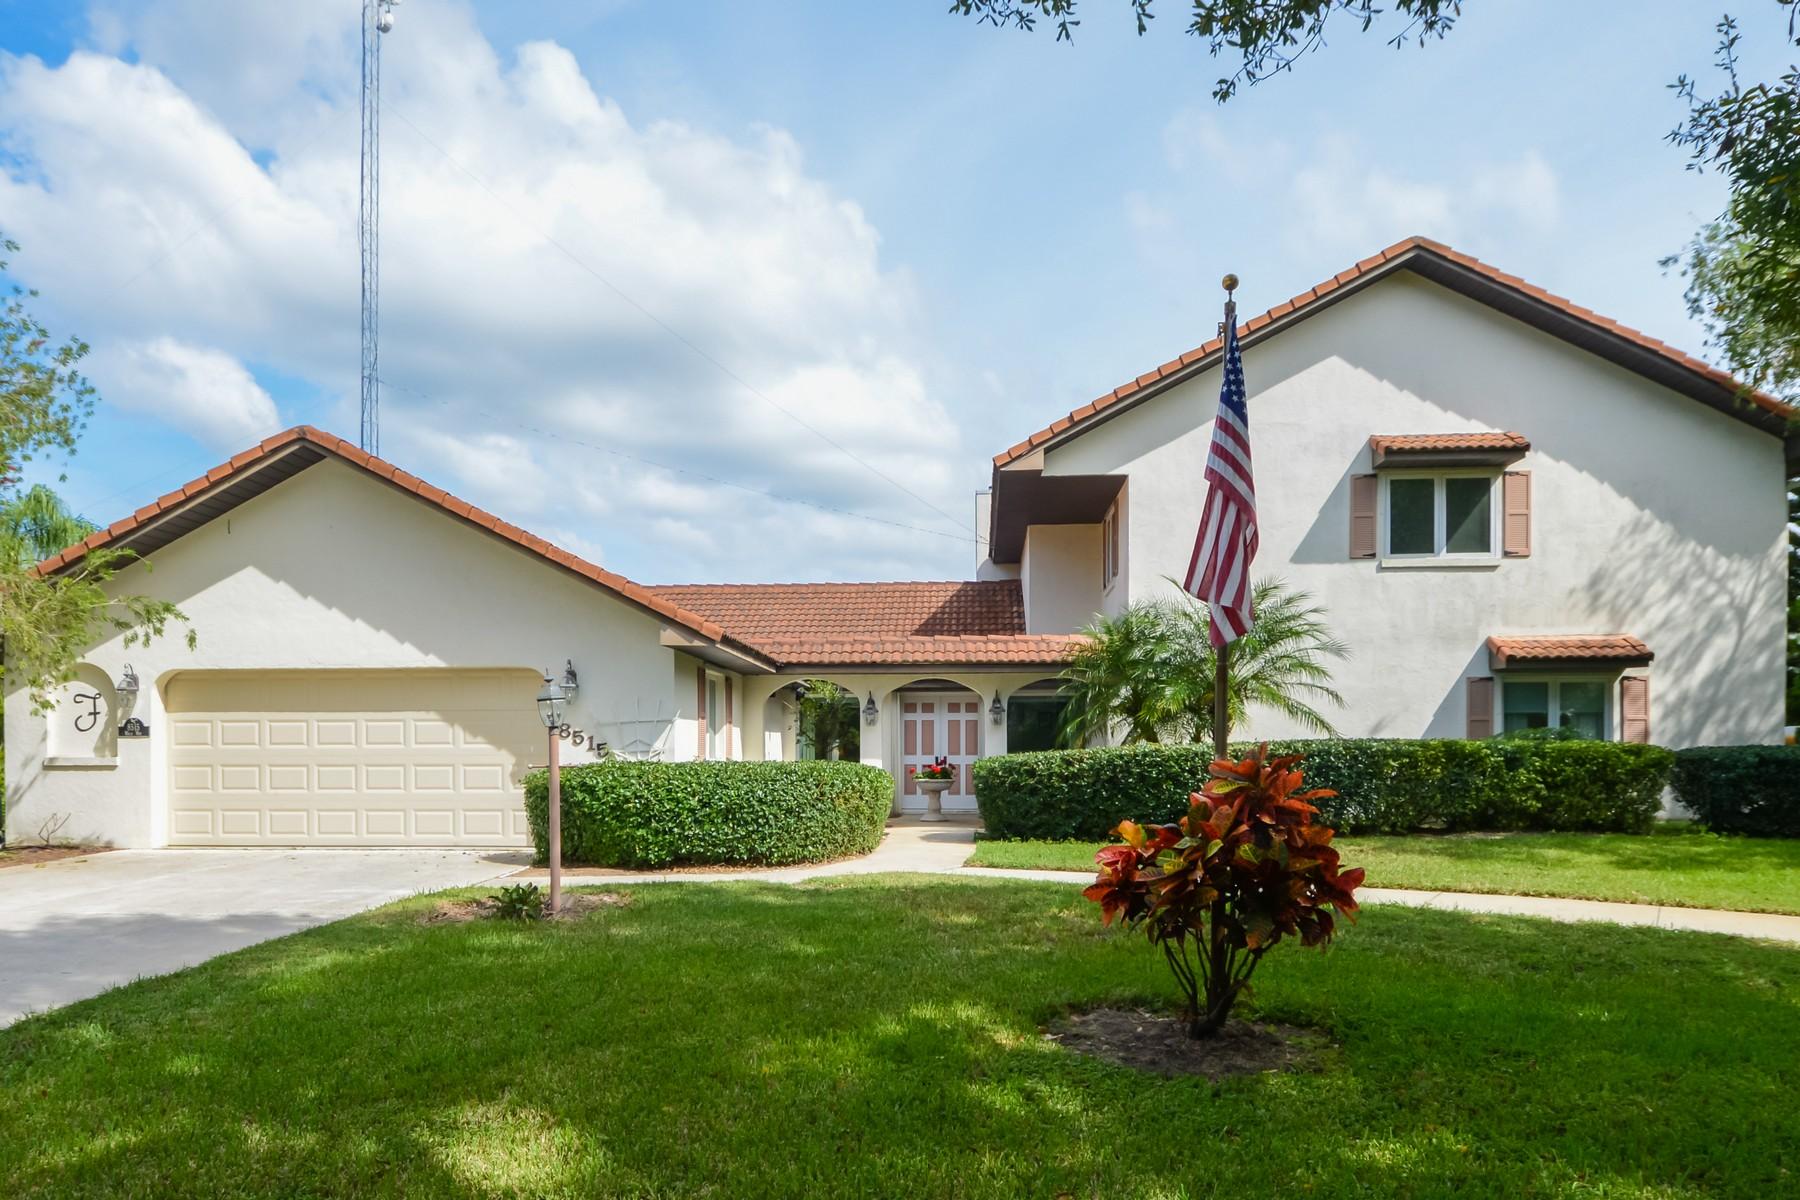 Casa para uma família para Venda às Fly-In Community 8515 Waco Way Vero Beach, Florida, 32968 Estados Unidos